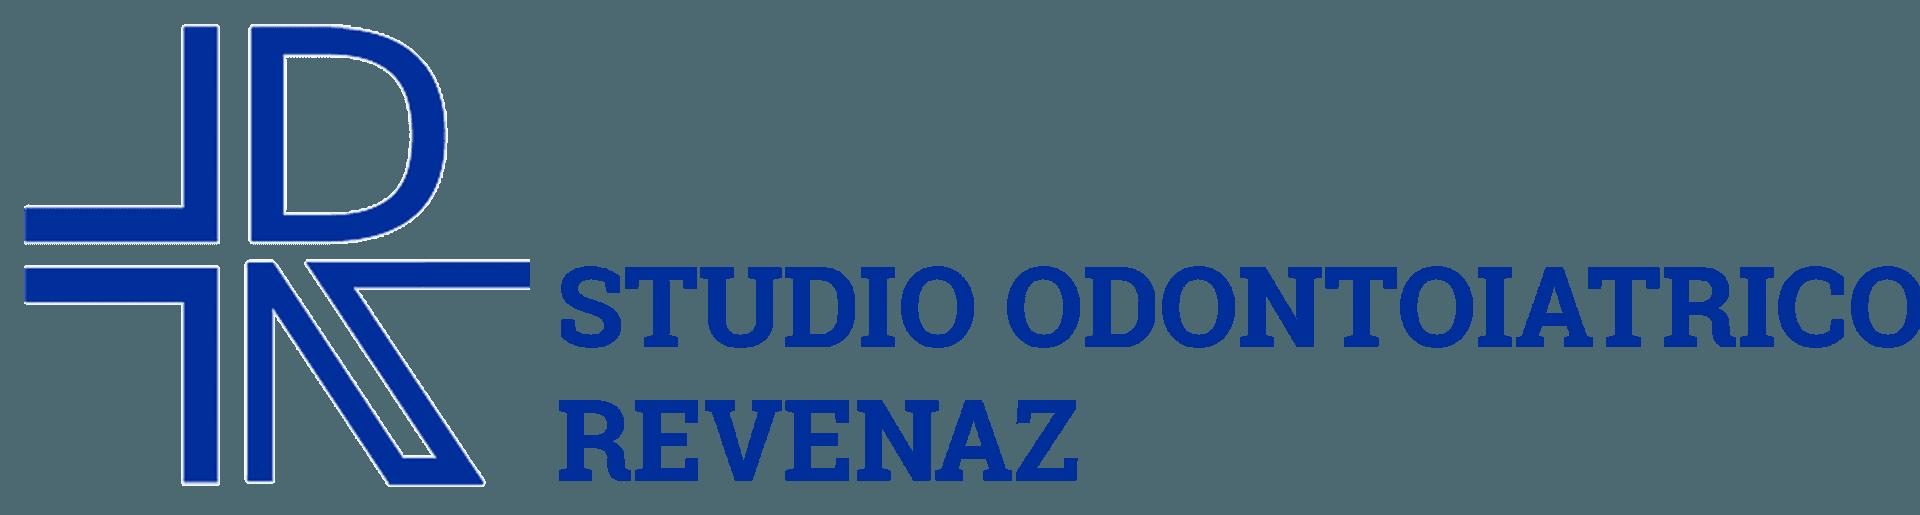 STUDIO ODONTOIATRICO REVENAZ - LOGO